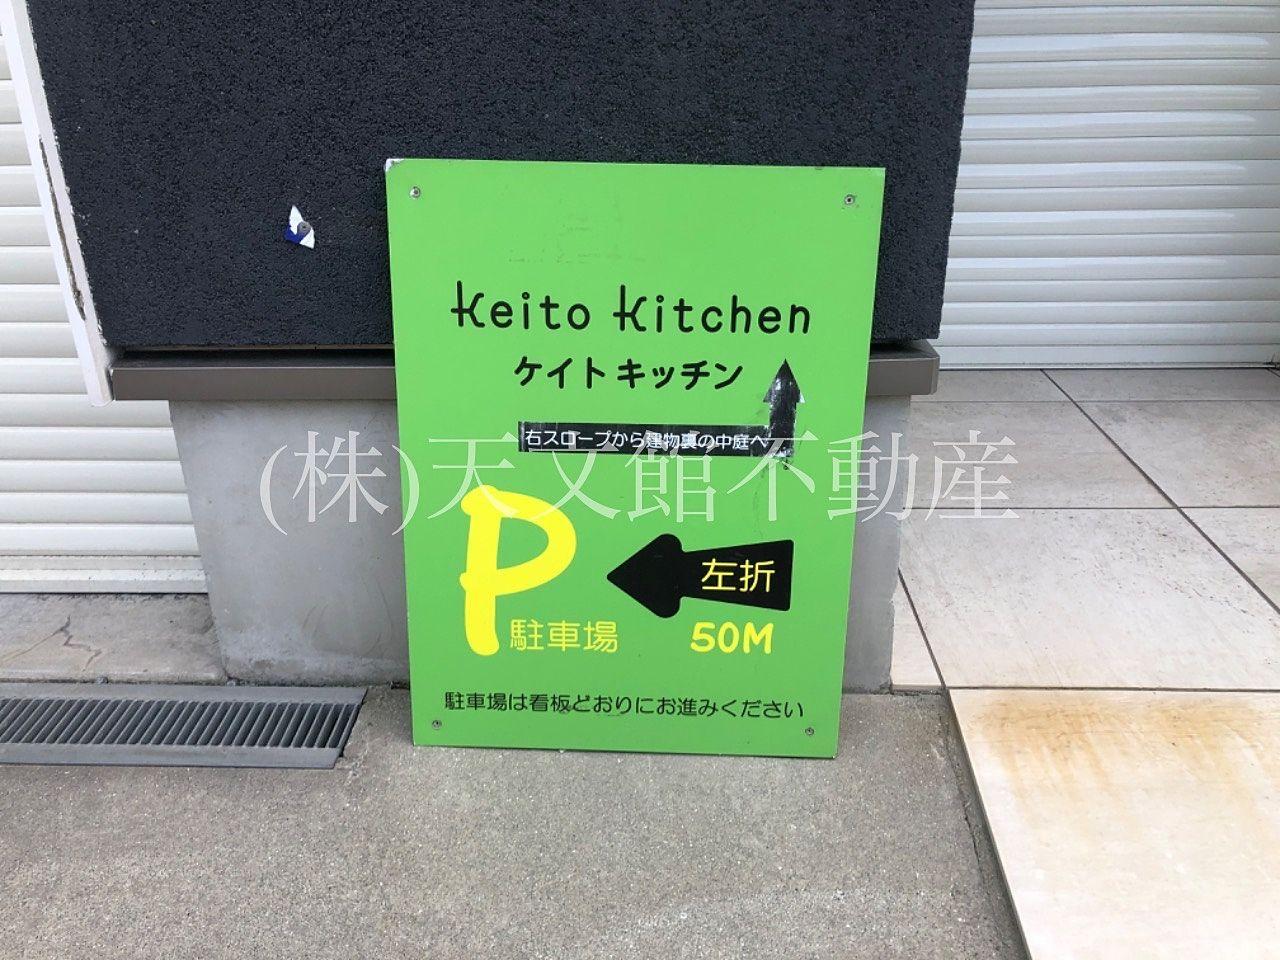 鹿児島市吉野町「ケイトキッチン」のお店の前の駐車場案内看板です。